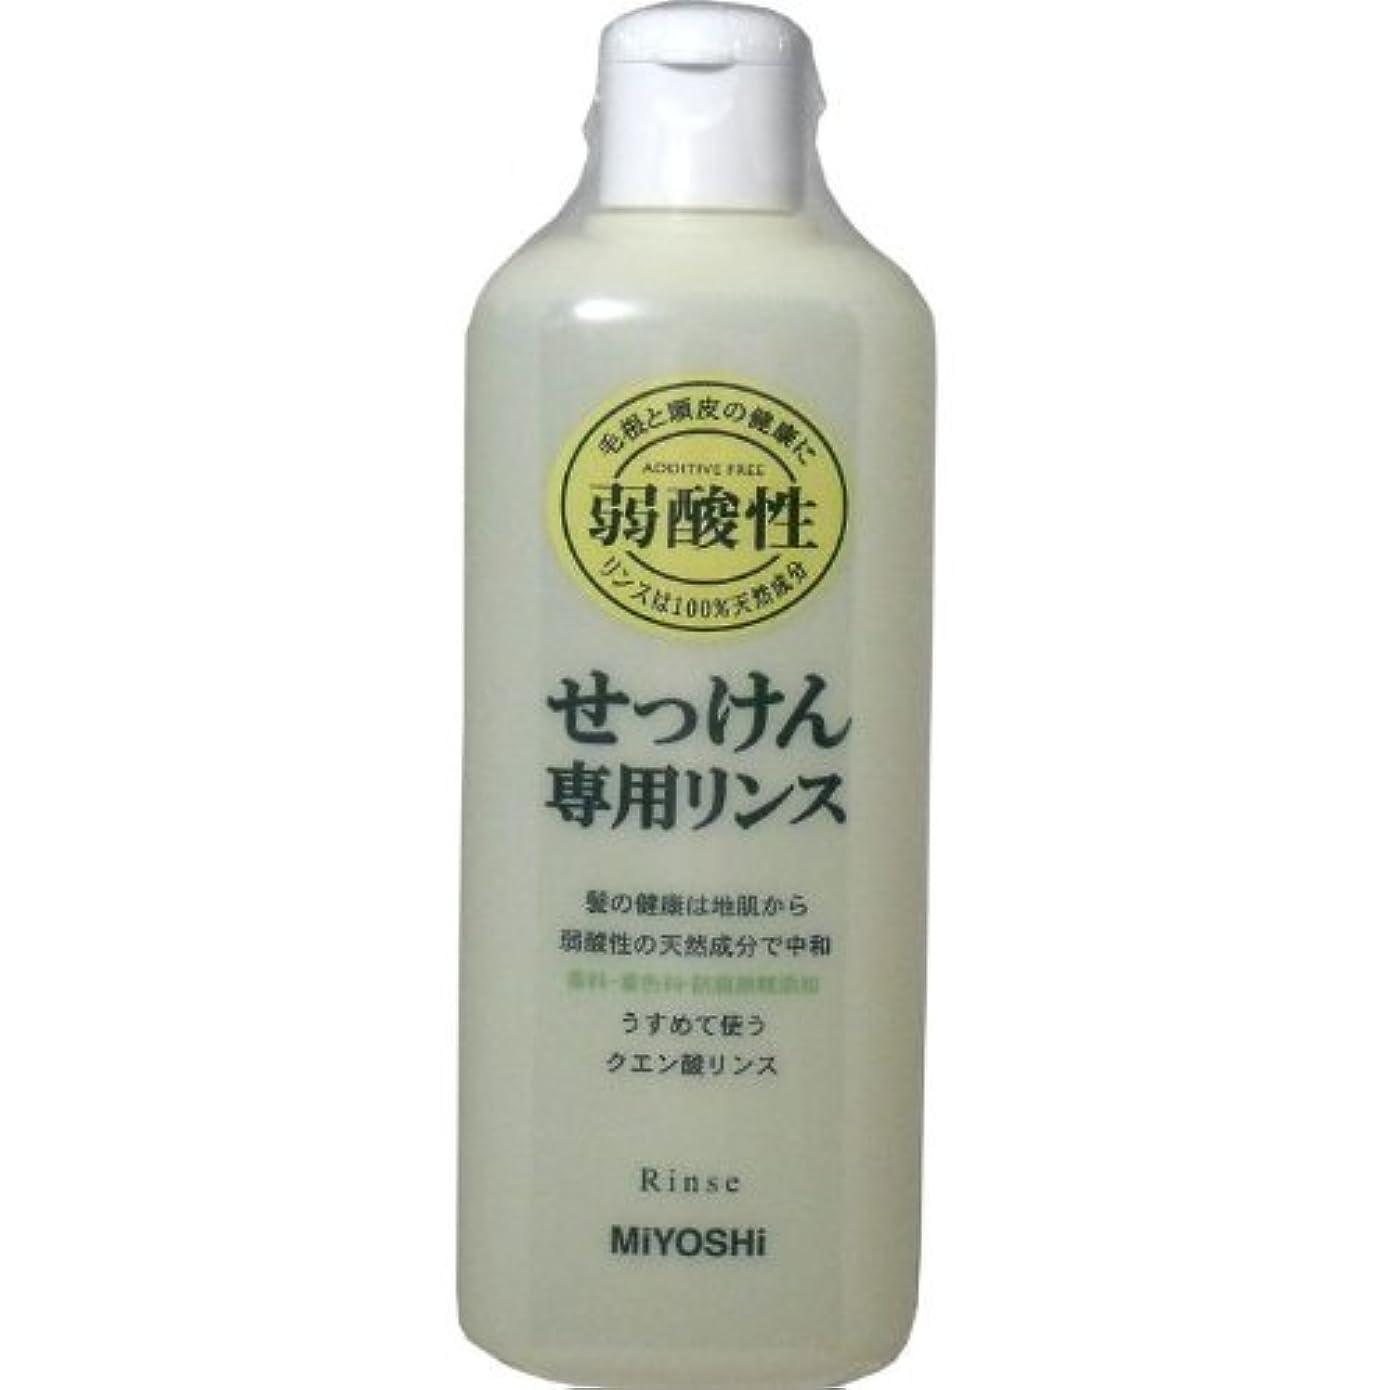 髪の健康は地肌から、弱酸性の天然成分で中和!!香料、防腐剤、着色料無添加!うすめて使うクエン酸リンス!リンス 350mL【2個セット】